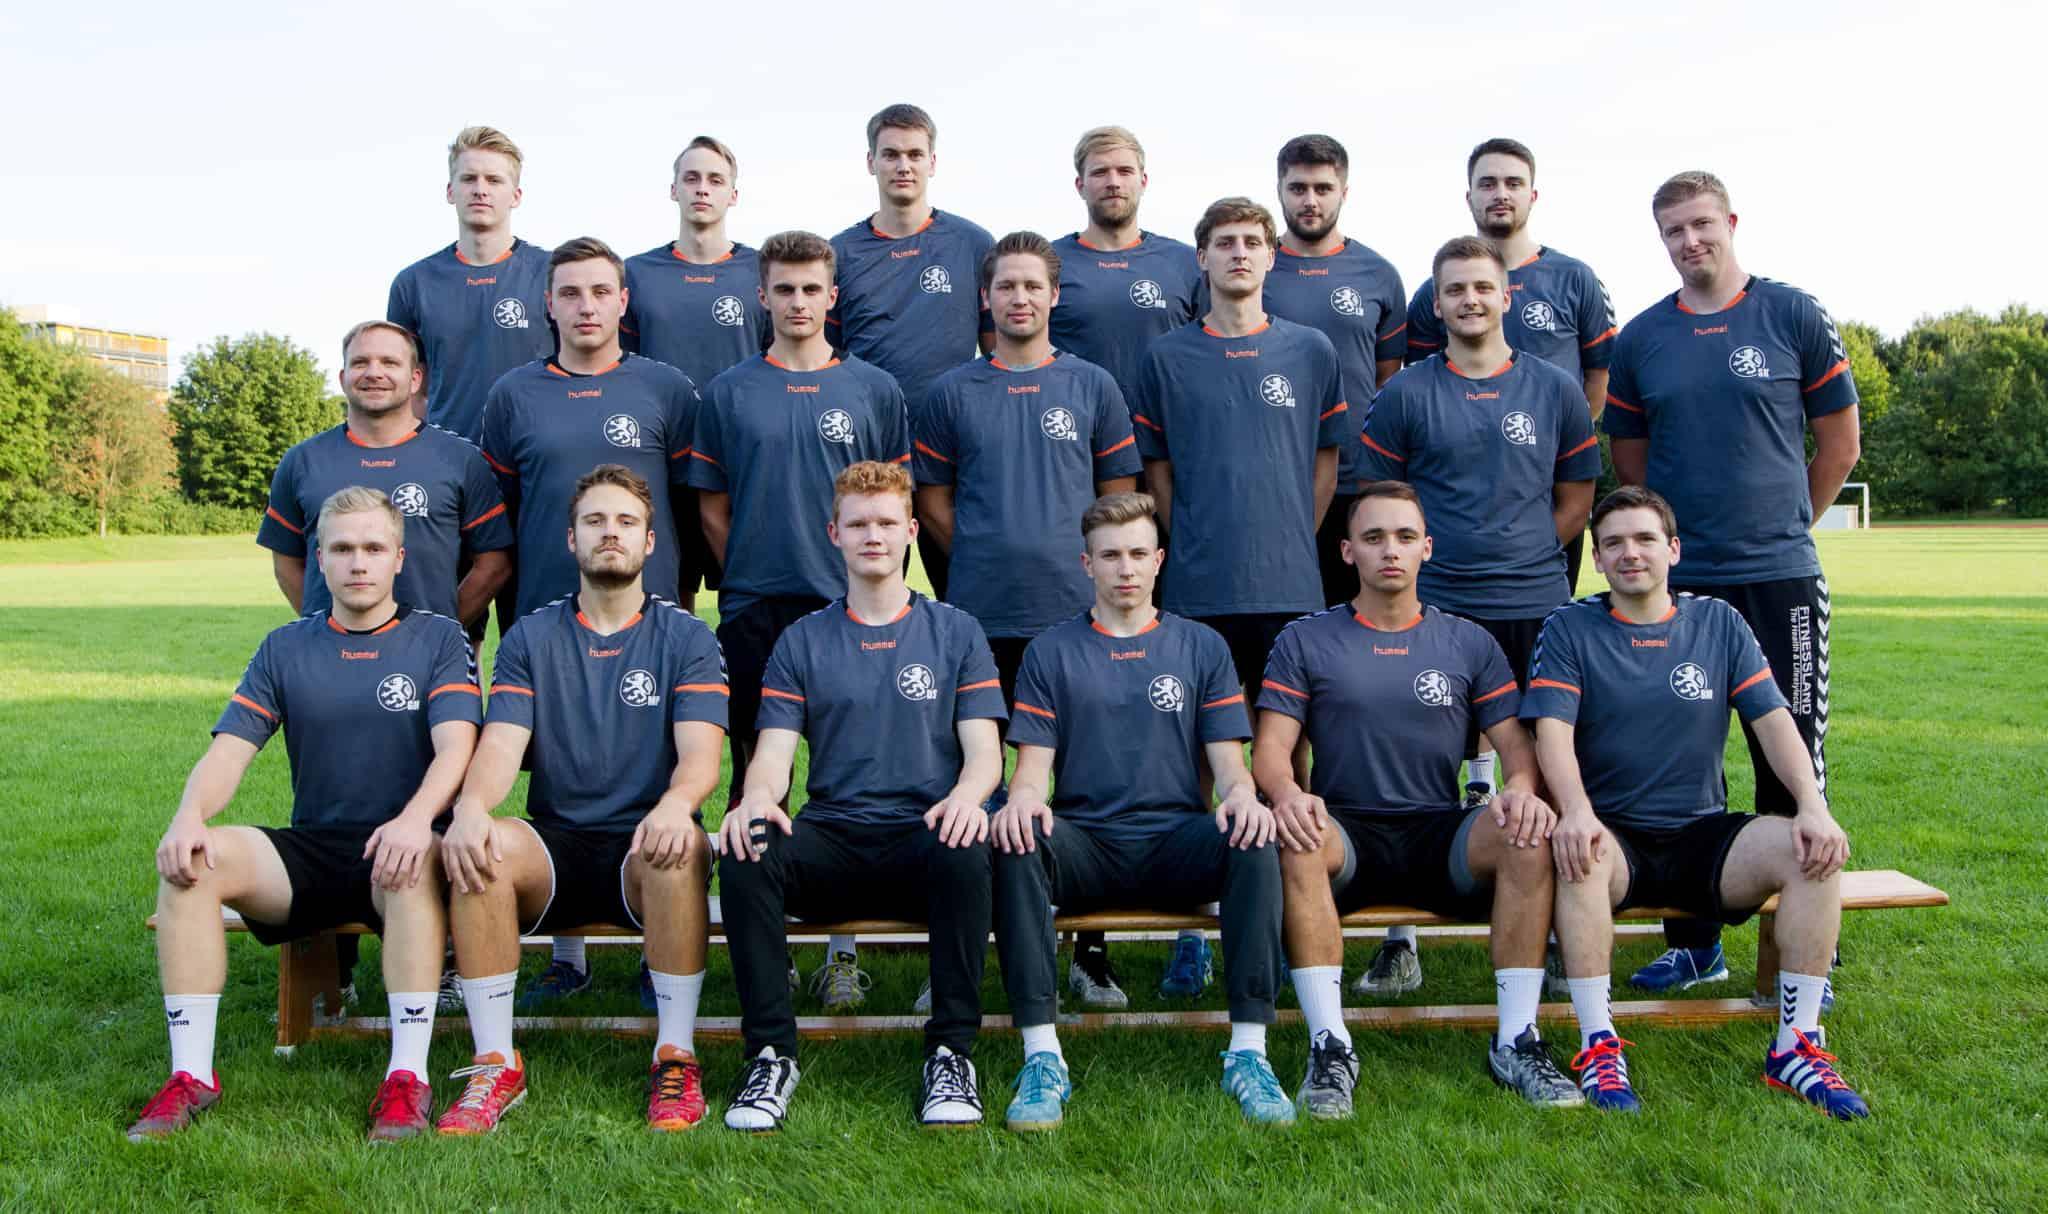 Aktuelles Manschaftsfoto der 2. Herren Saison 17/18 Verbandsliga